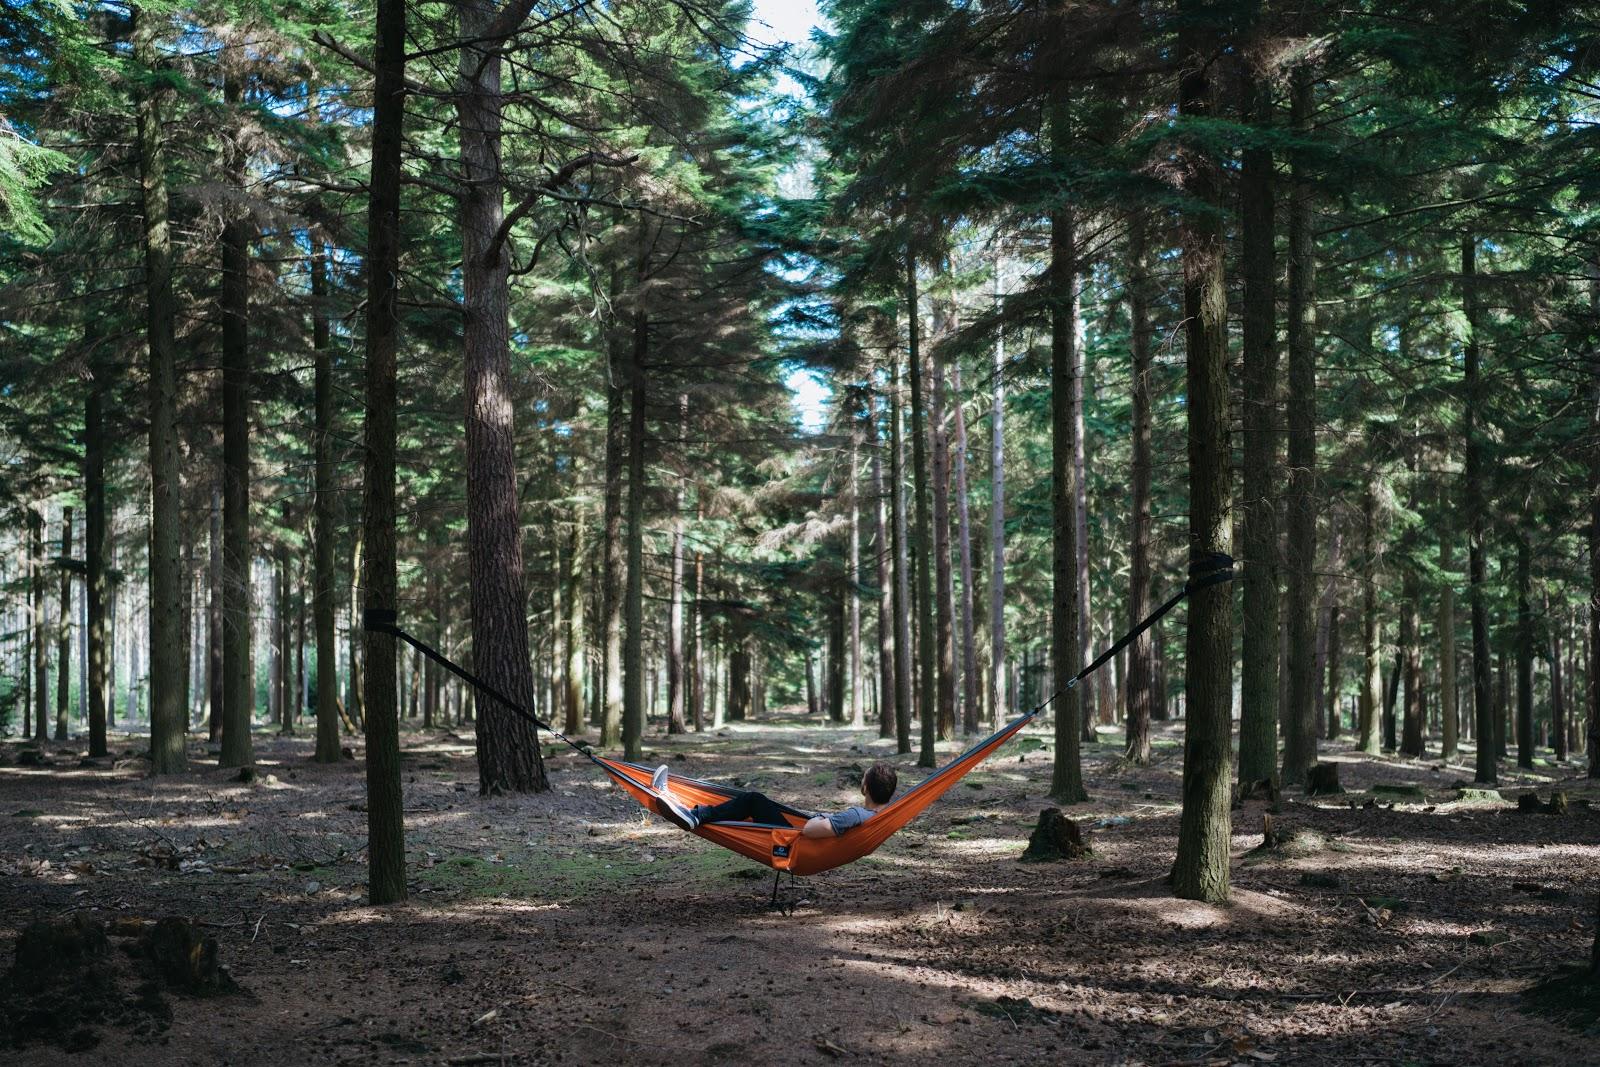 nằm võng trong rừng thức dậy lúc 5 giờ sáng